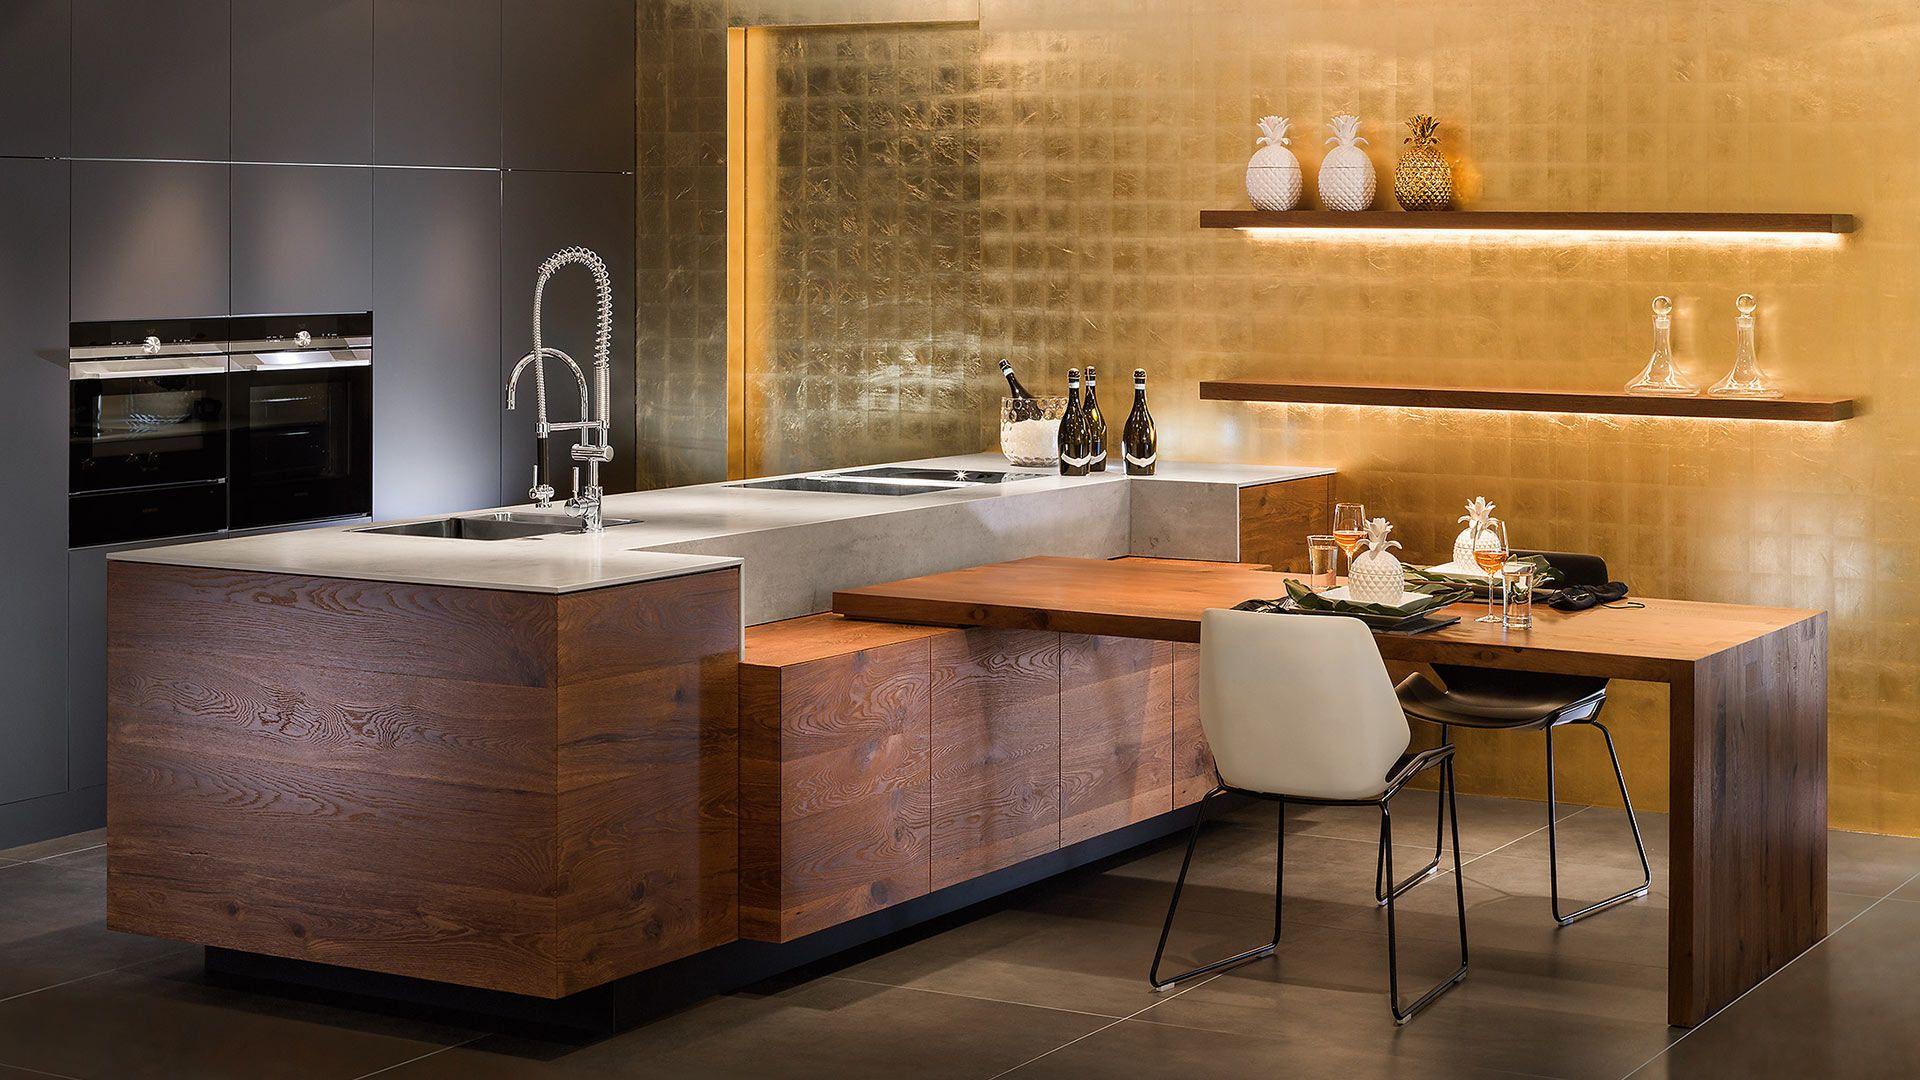 Bildergebnis für schrank tisch kombination küche